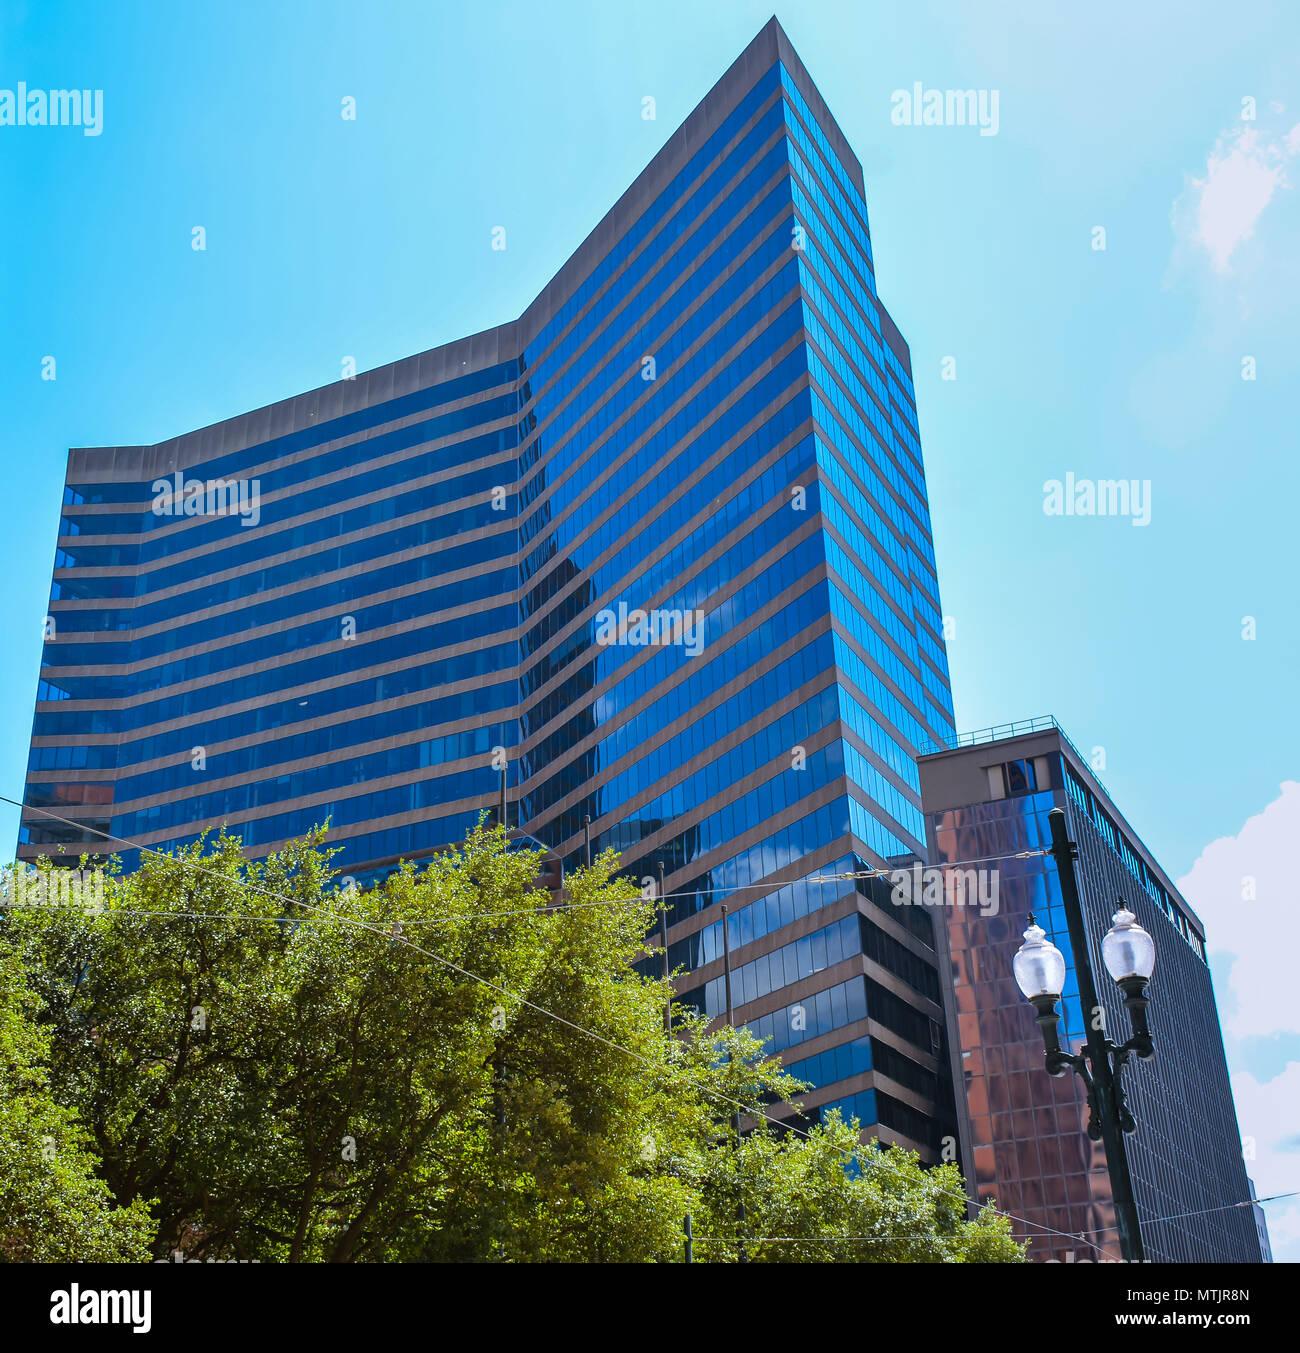 New Orleans, LA - 19.09.24, 2017: poydras Center - es ist ein schlankes, eckig Glas, Klasse-A-Office Tower. Stockbild